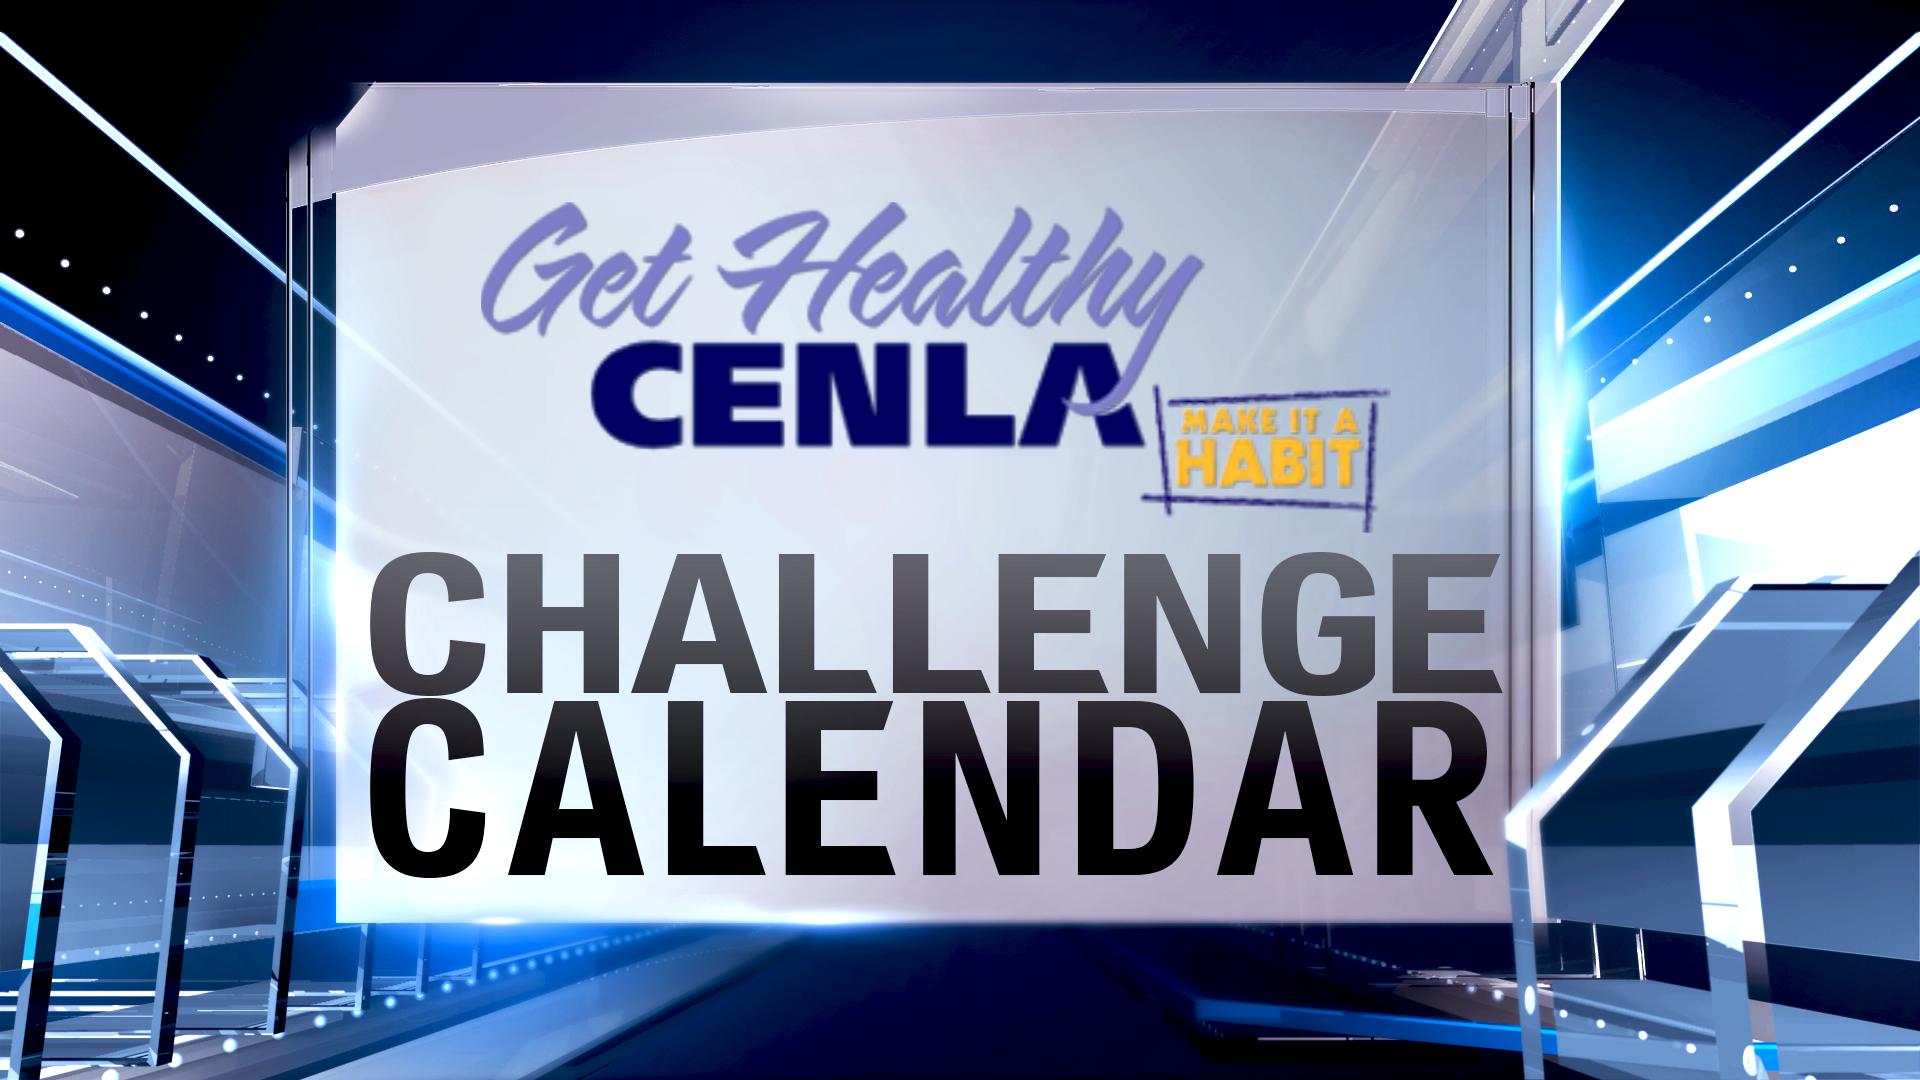 Get Healthy Cenla - Challenge Calendar - Generic Graphic